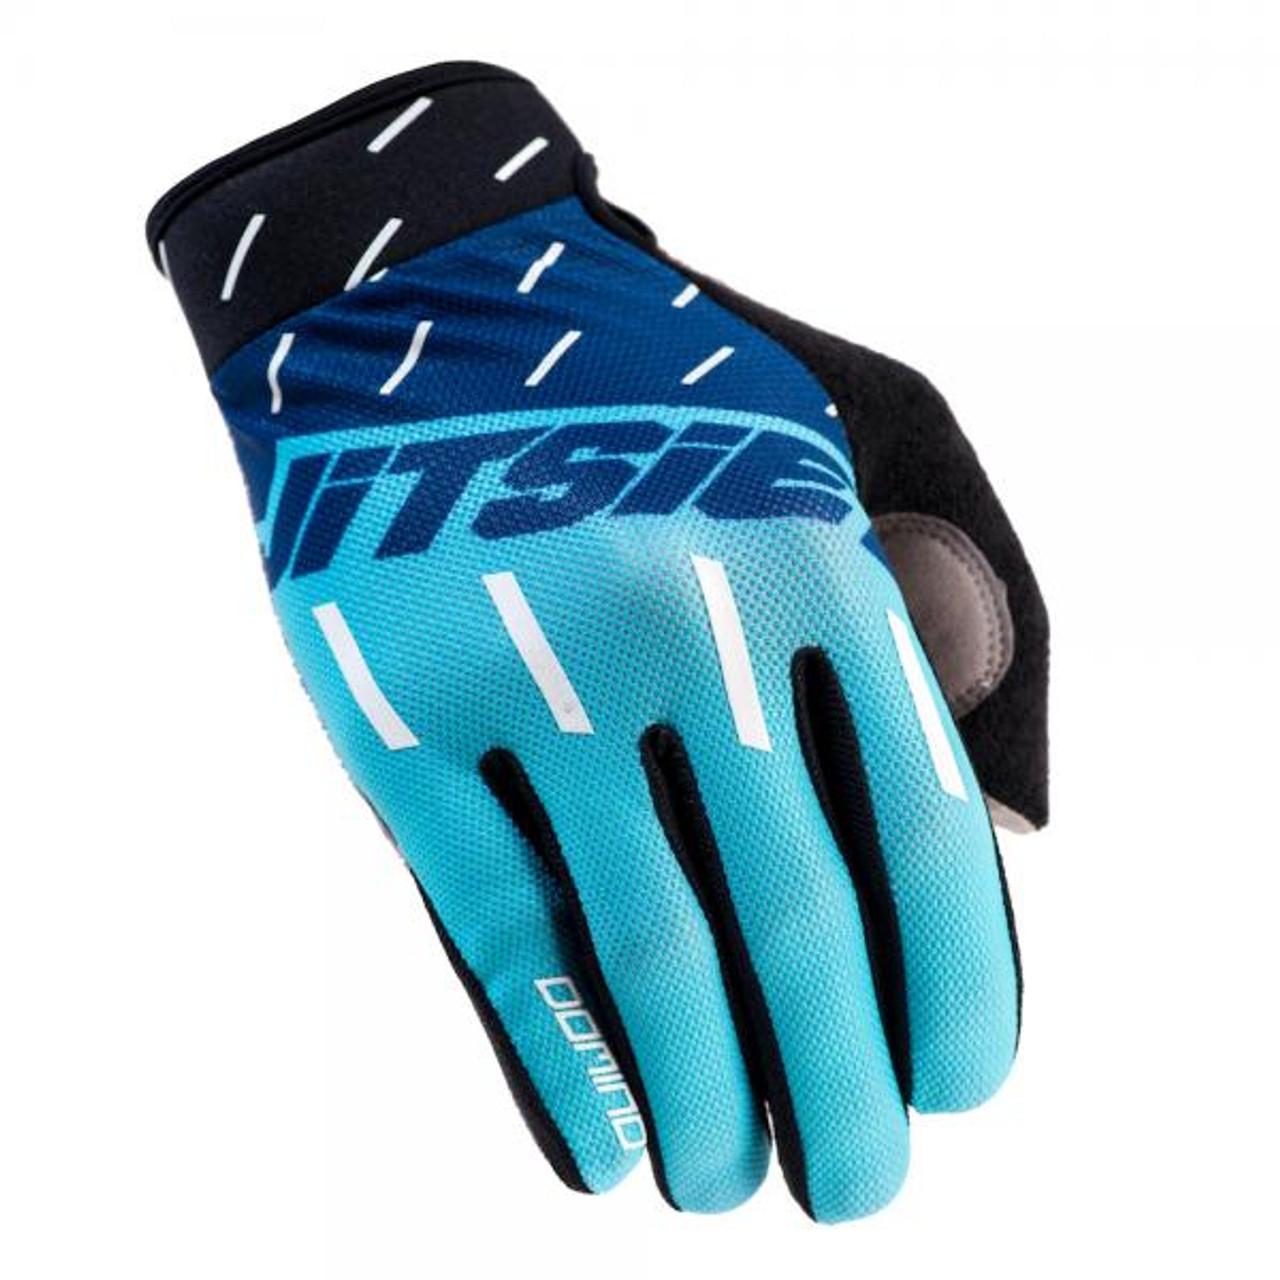 Gloves Domino, navy/ teal/ white